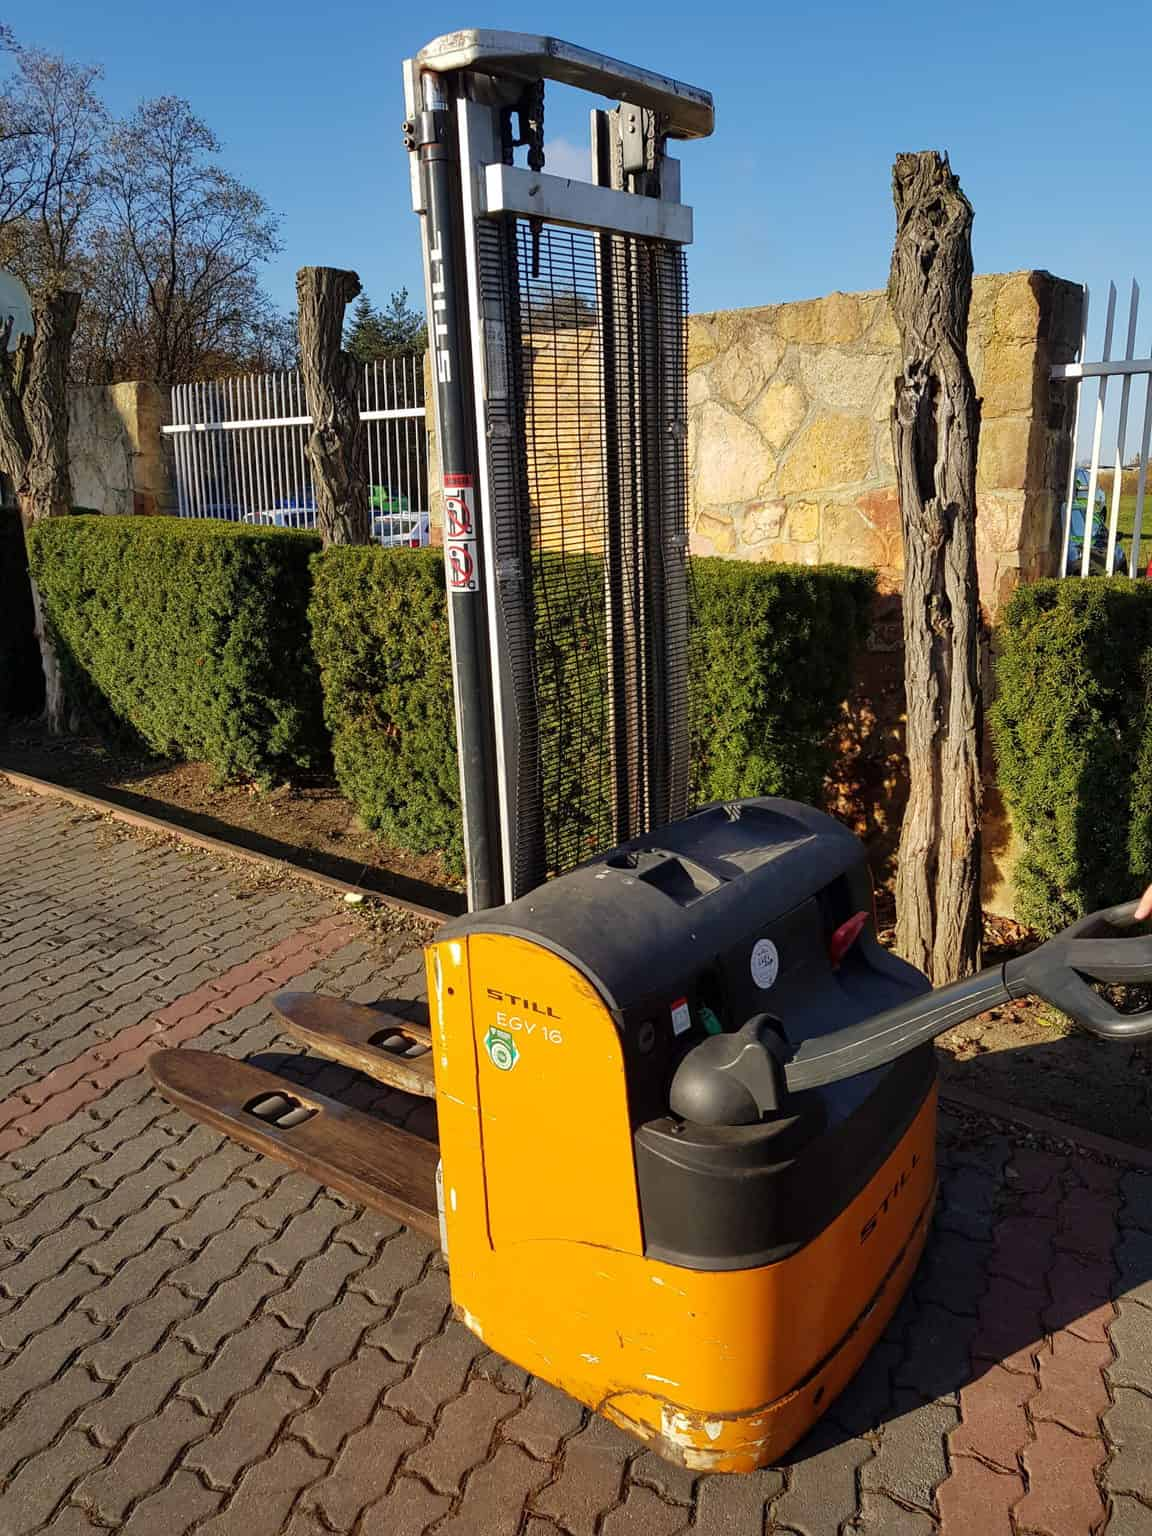 Elektryczny wózek podnośnikowy STILL EGV16 używany 2